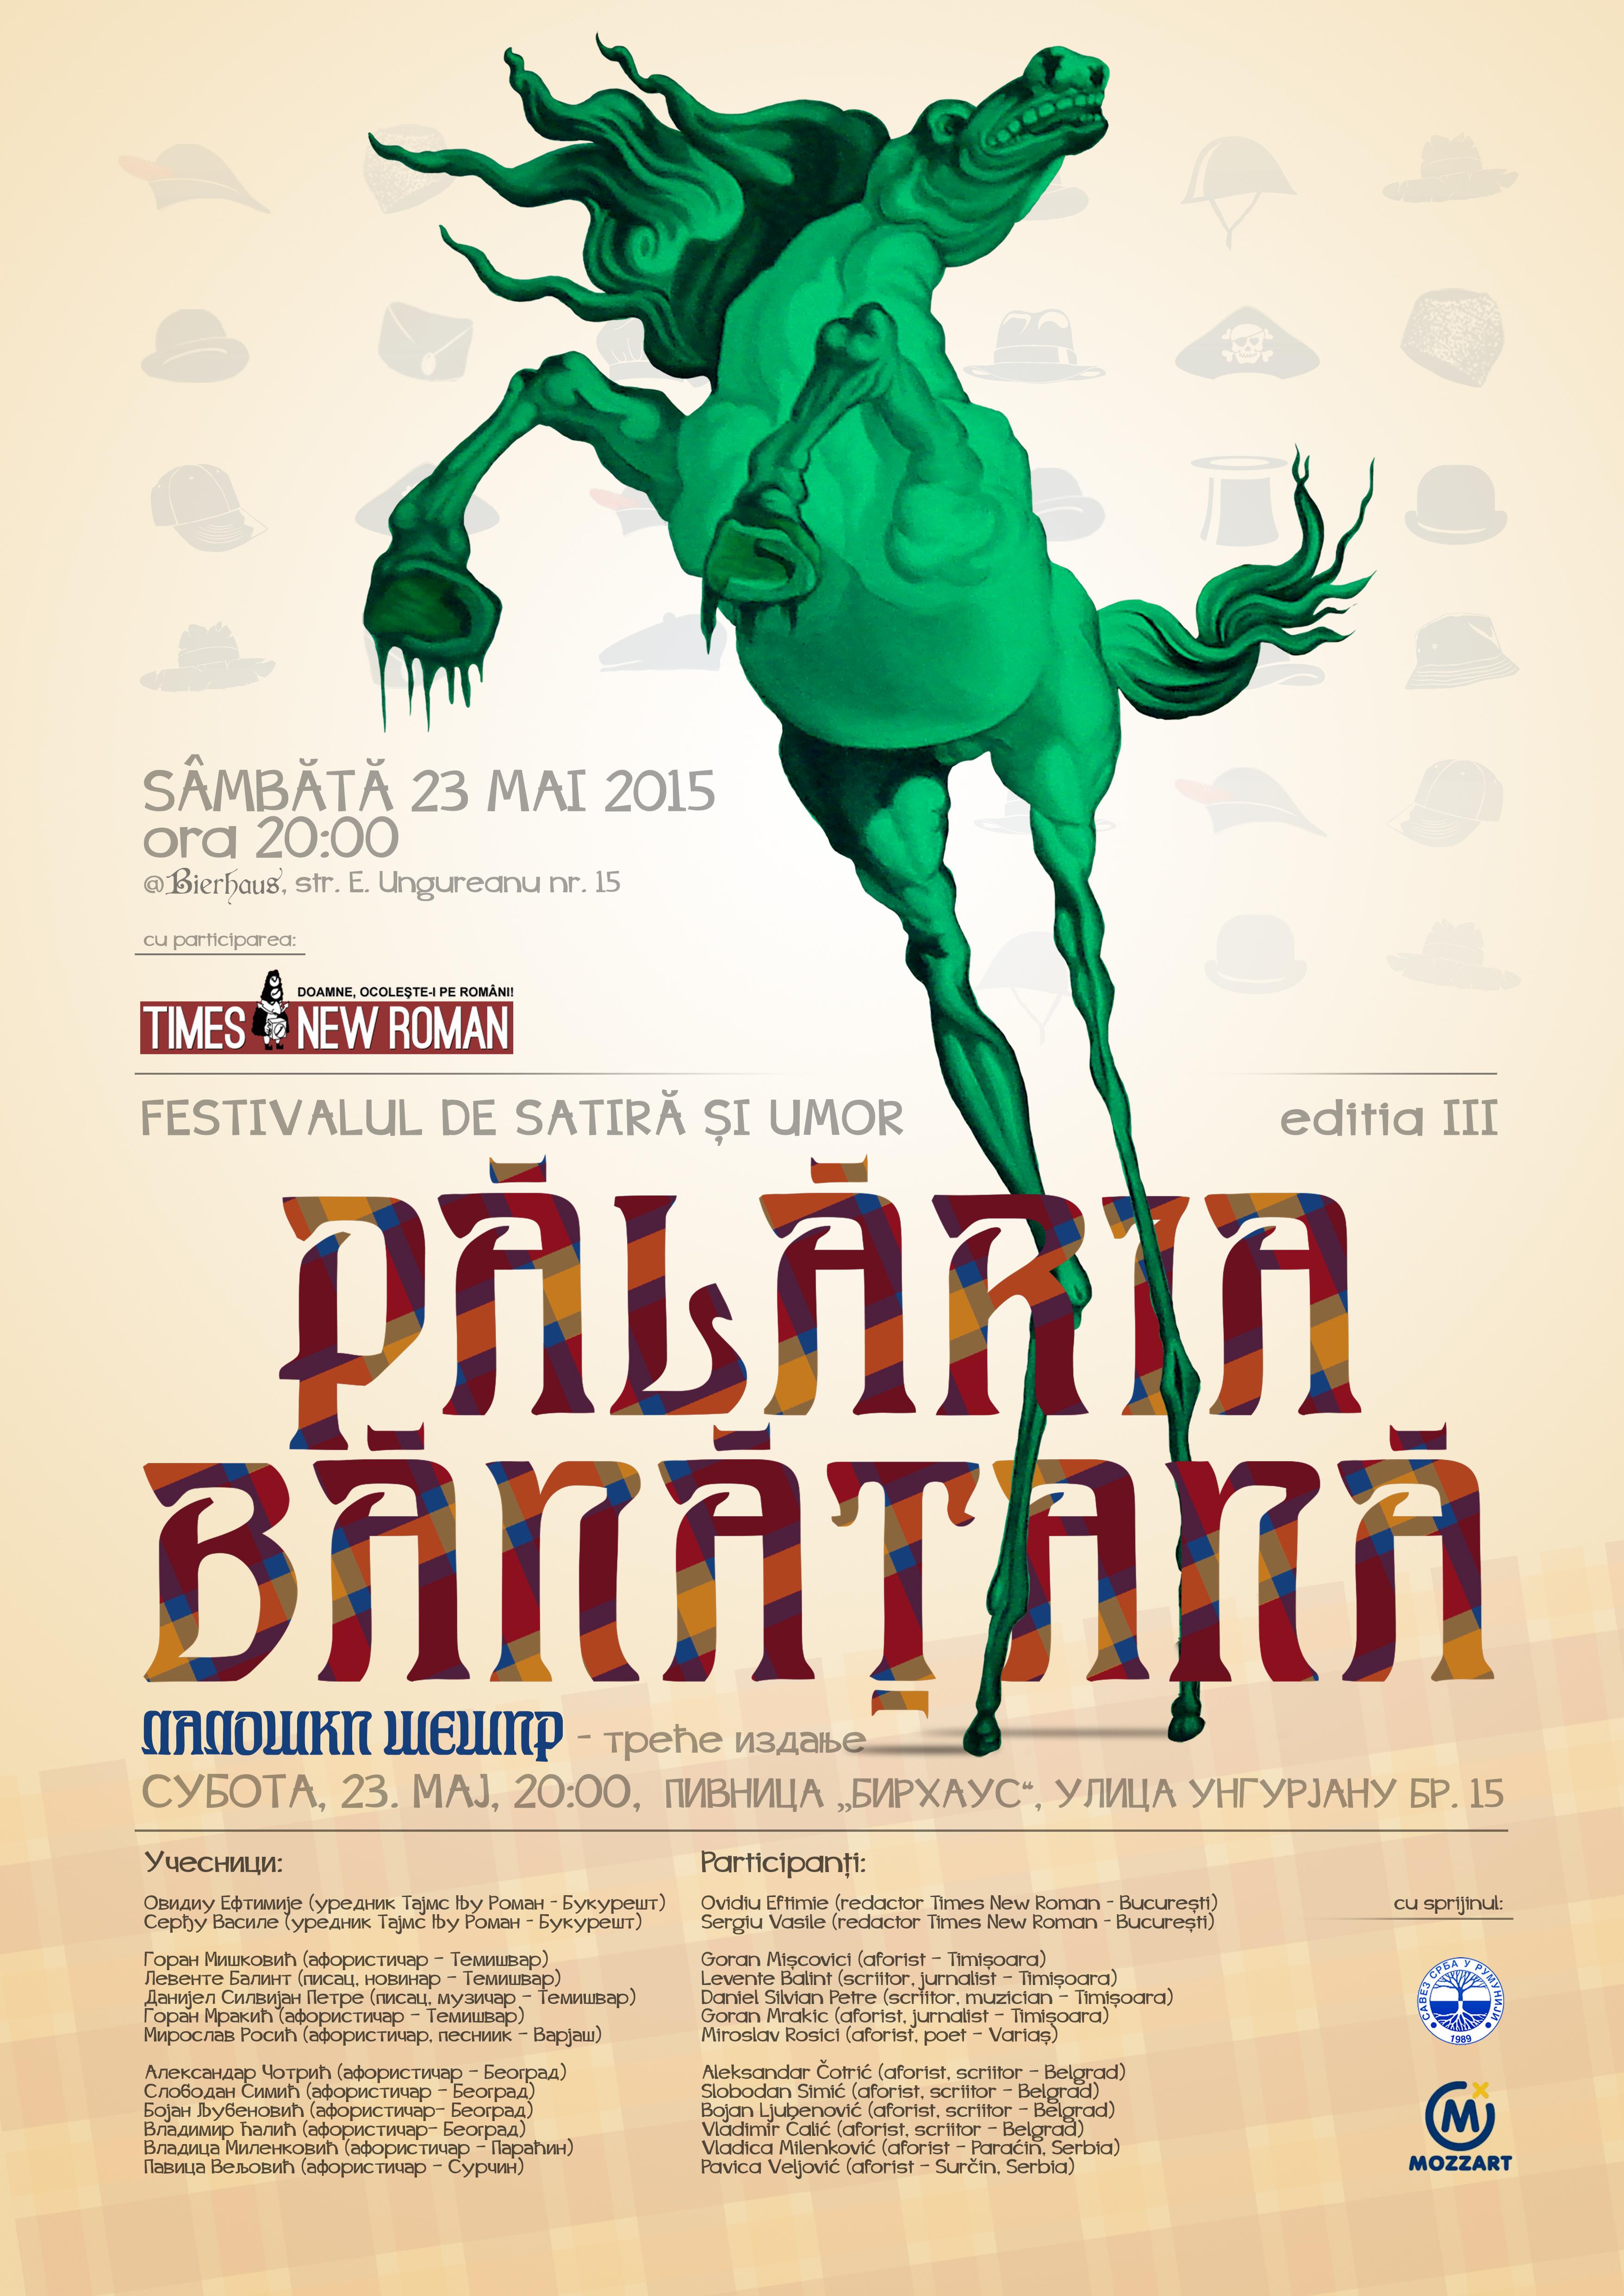 Palaria-Banatana-2015